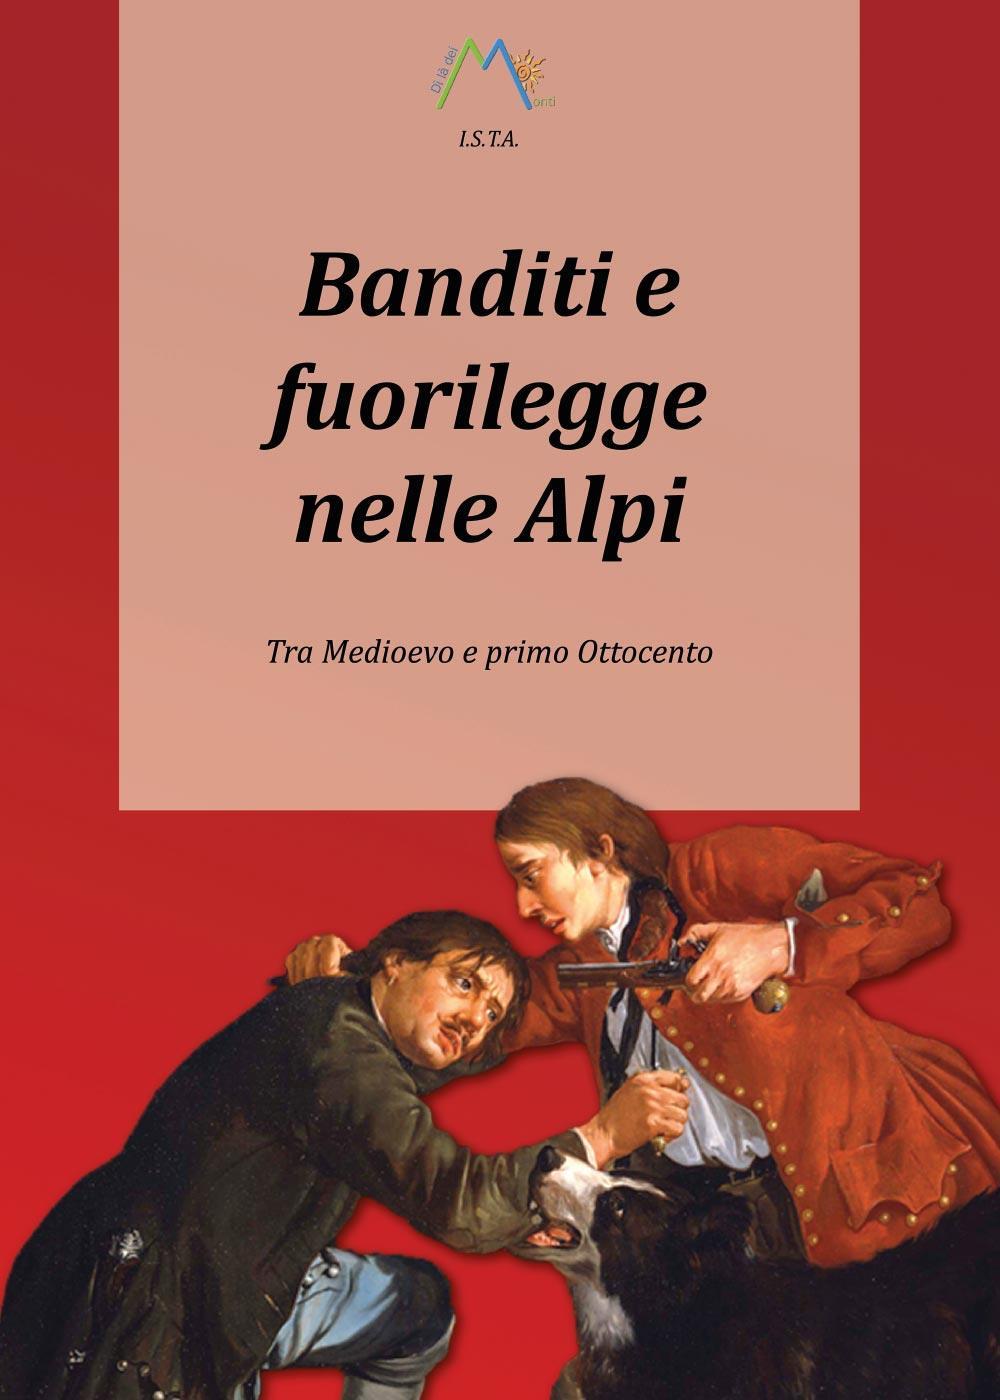 Banditi e fuorilegge nelle Alpi